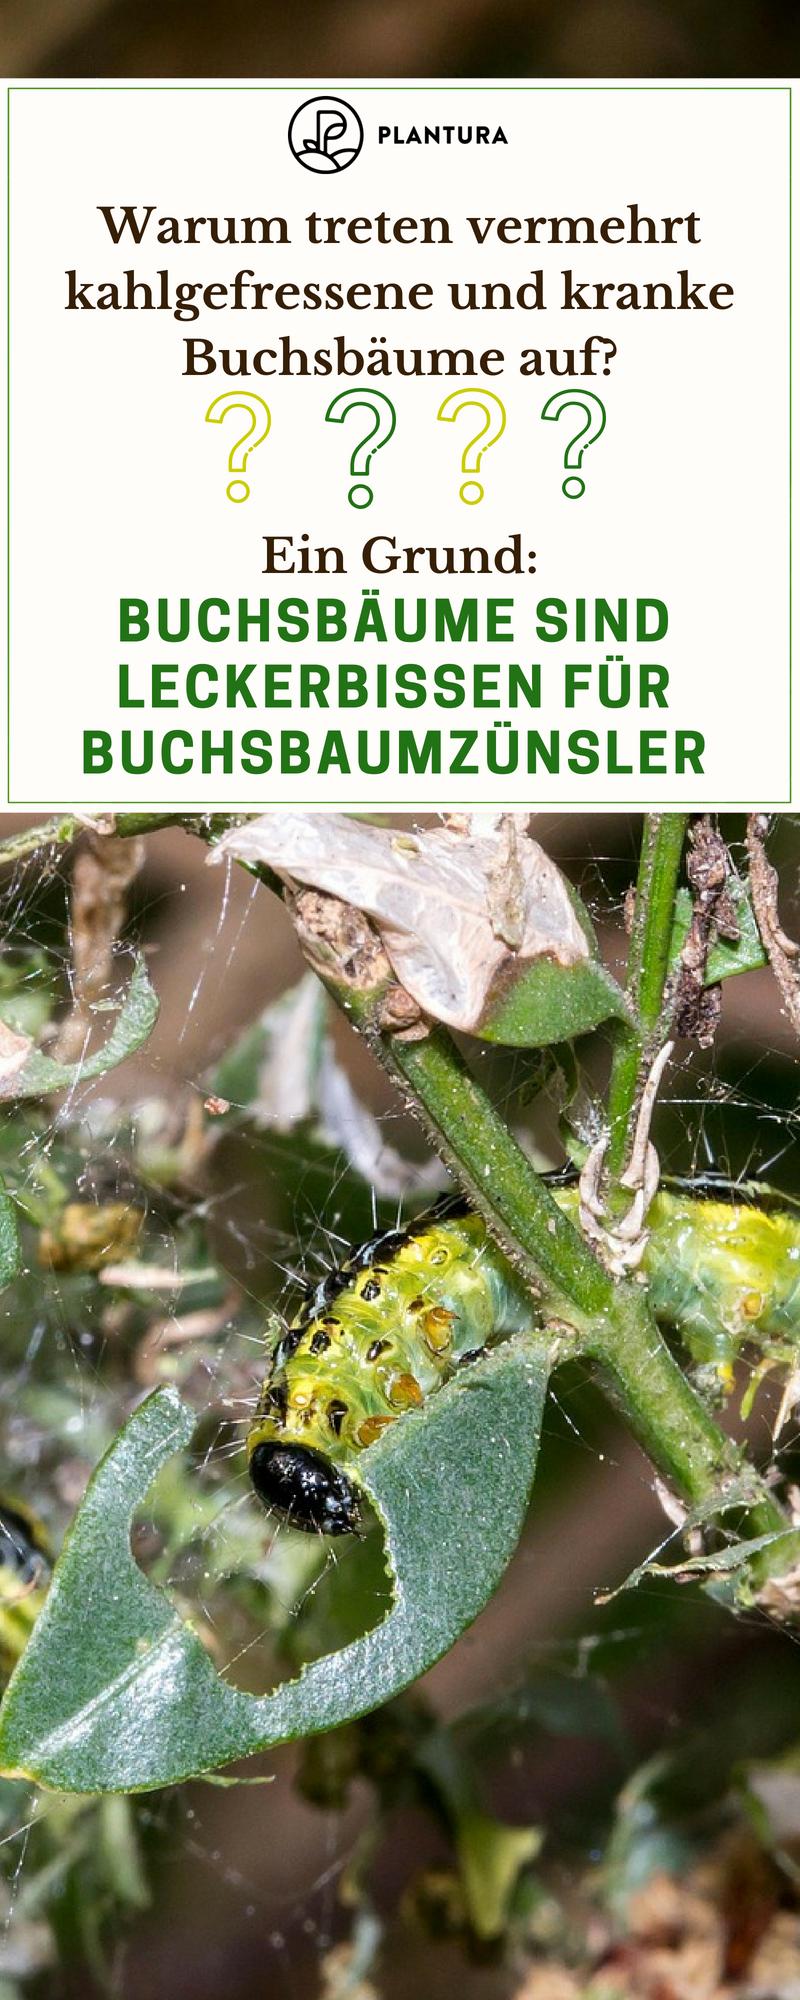 Buchsbaumzunsler Alles Rund Um Den Zunsler Buchsbaumzunsler Schadlinge Im Garten Buchsbaum Garten